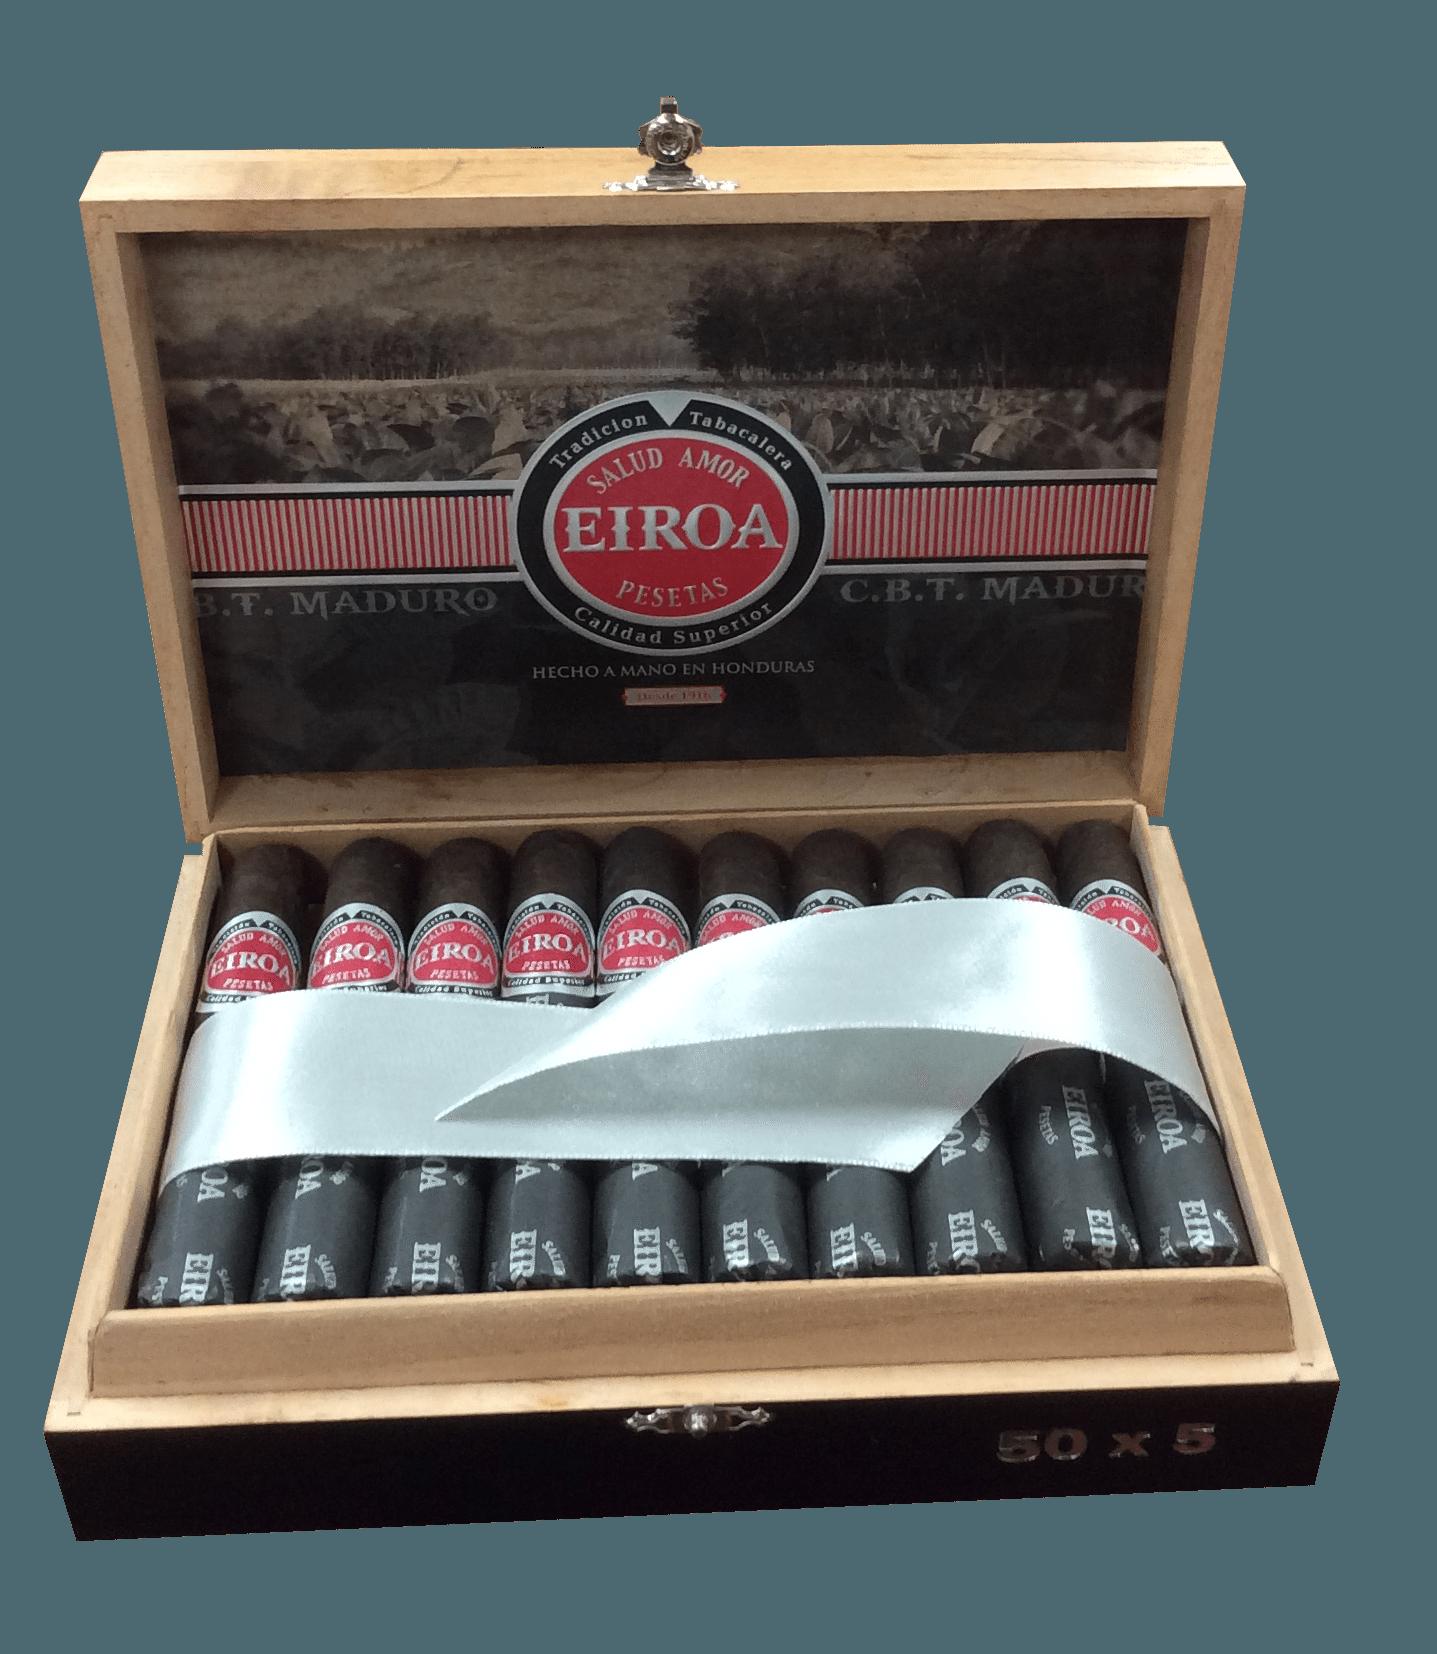 Cigar News: C.L.E. Updates Eiroa Packaging